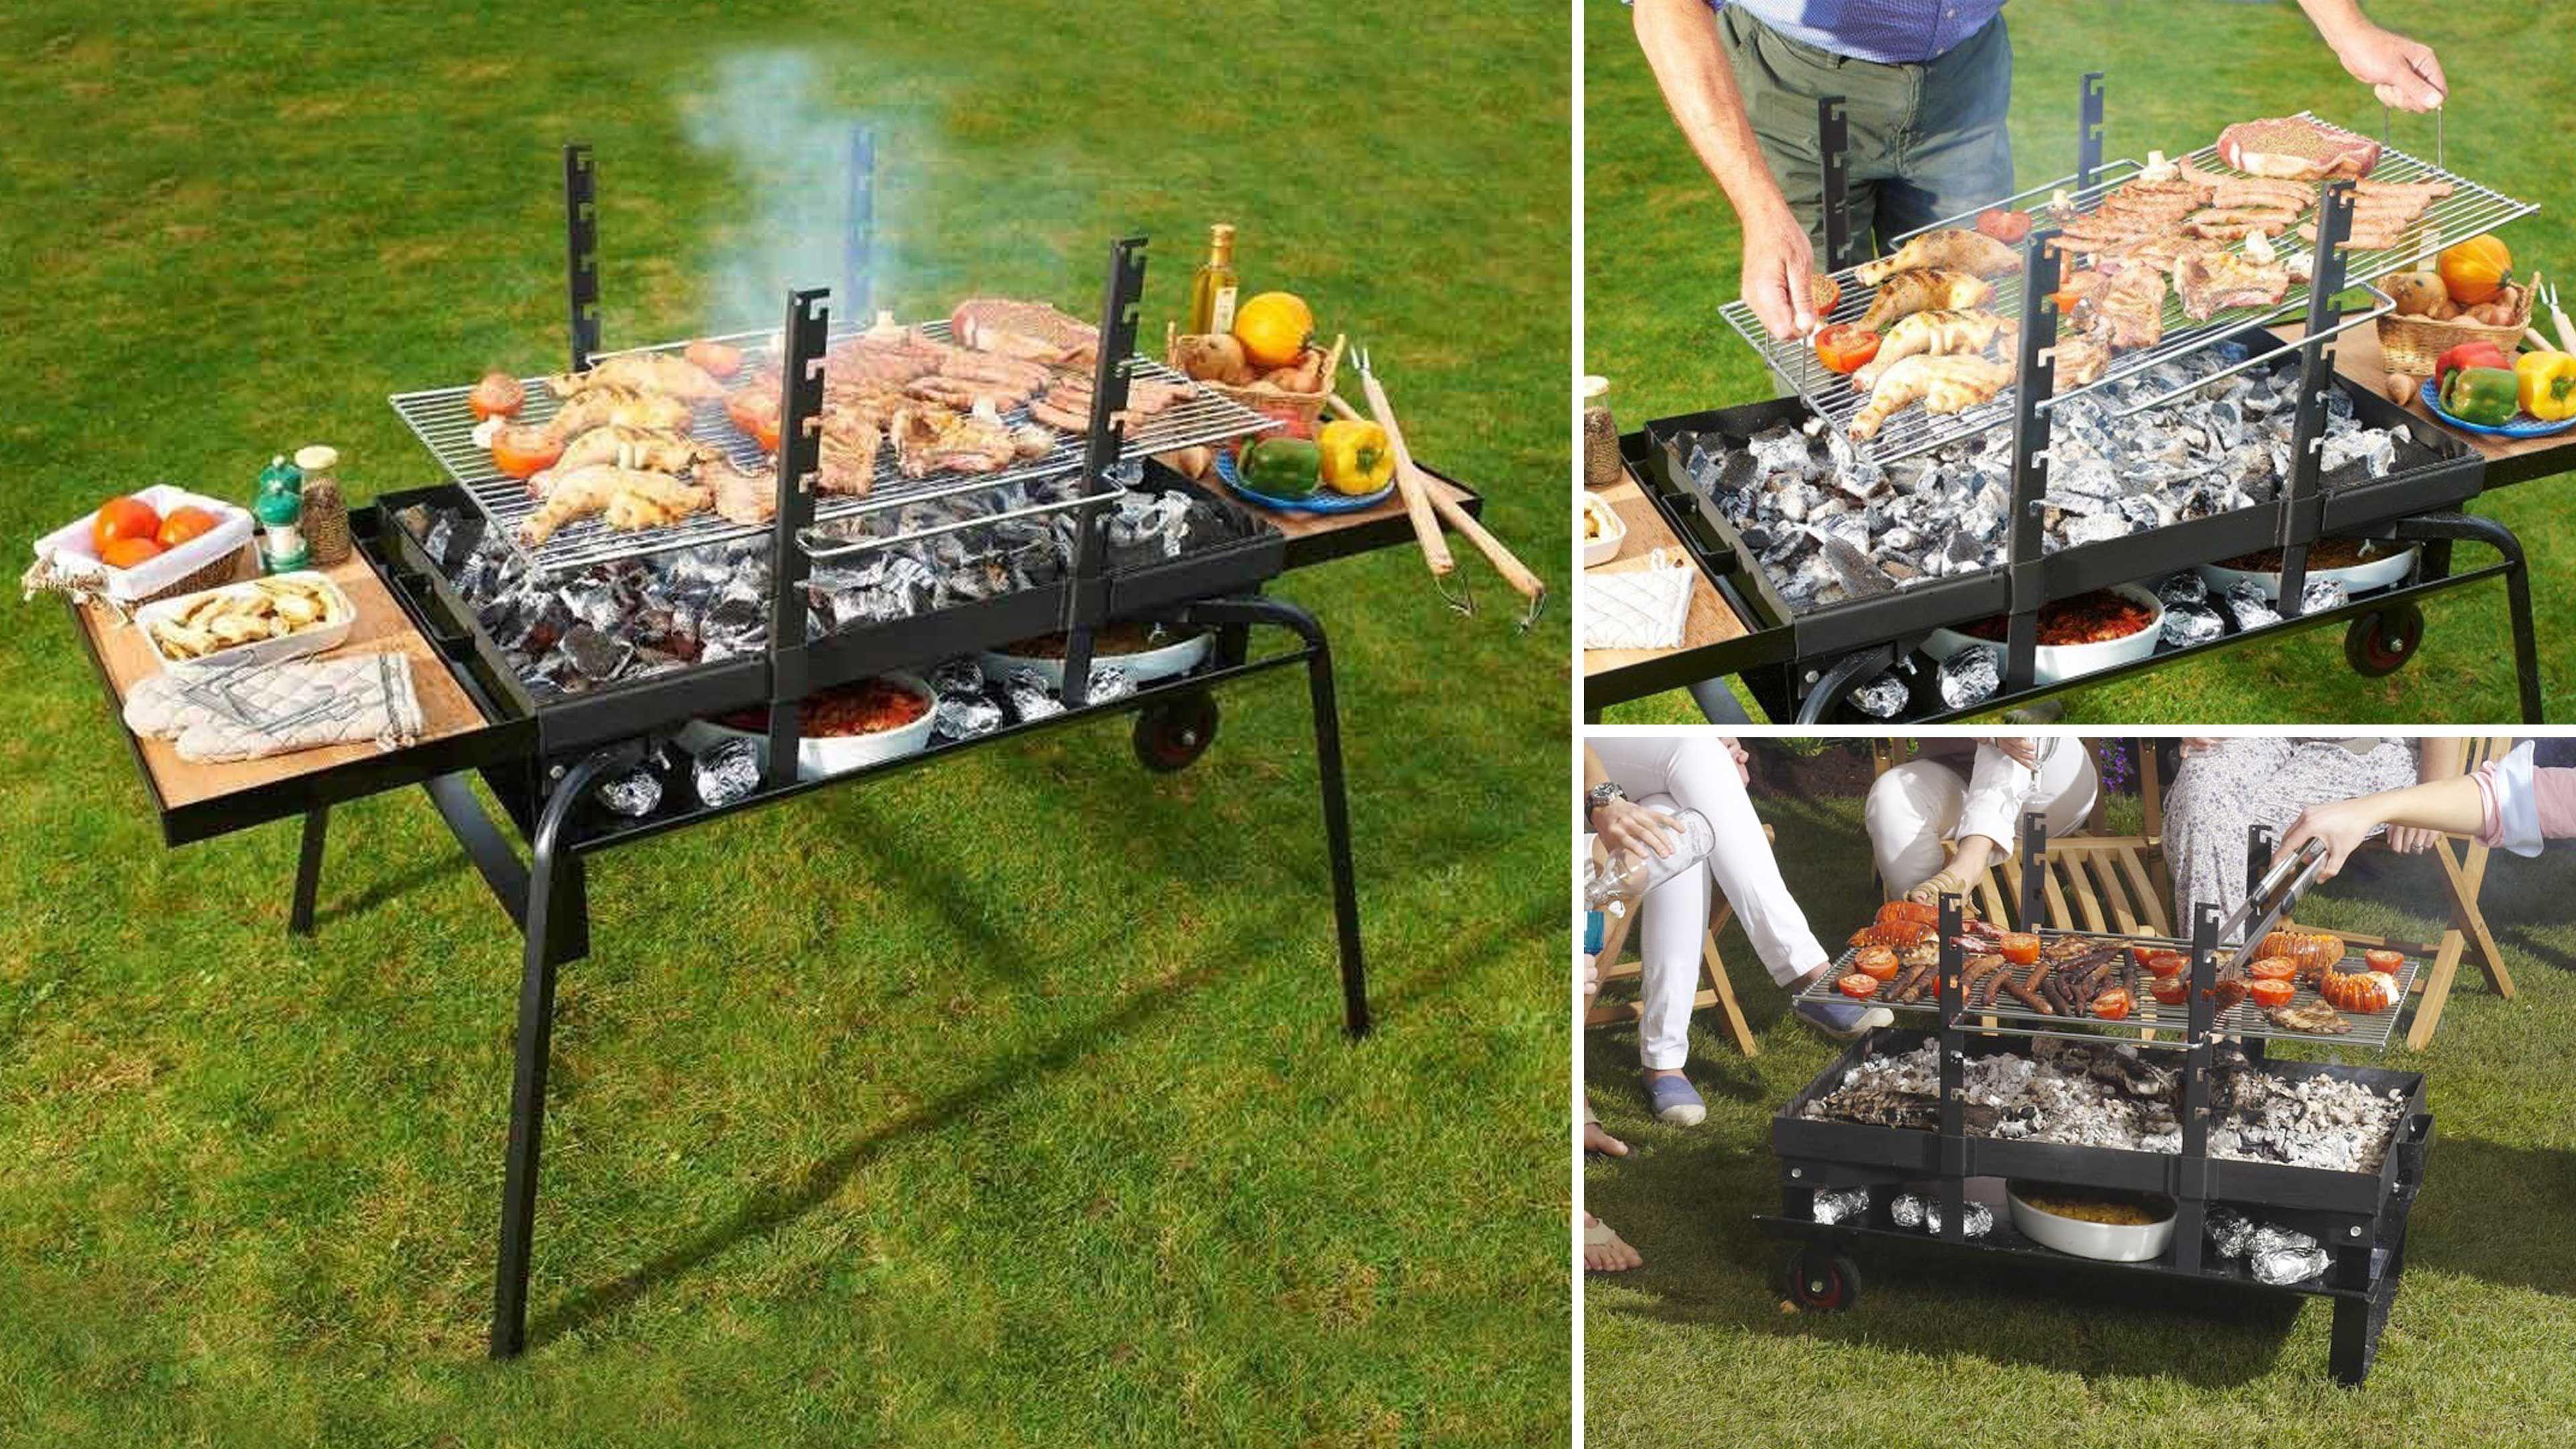 Préparer Un Barbecue Pour 20 Personnes comment bien allumer un bbq ? conseil - oviala